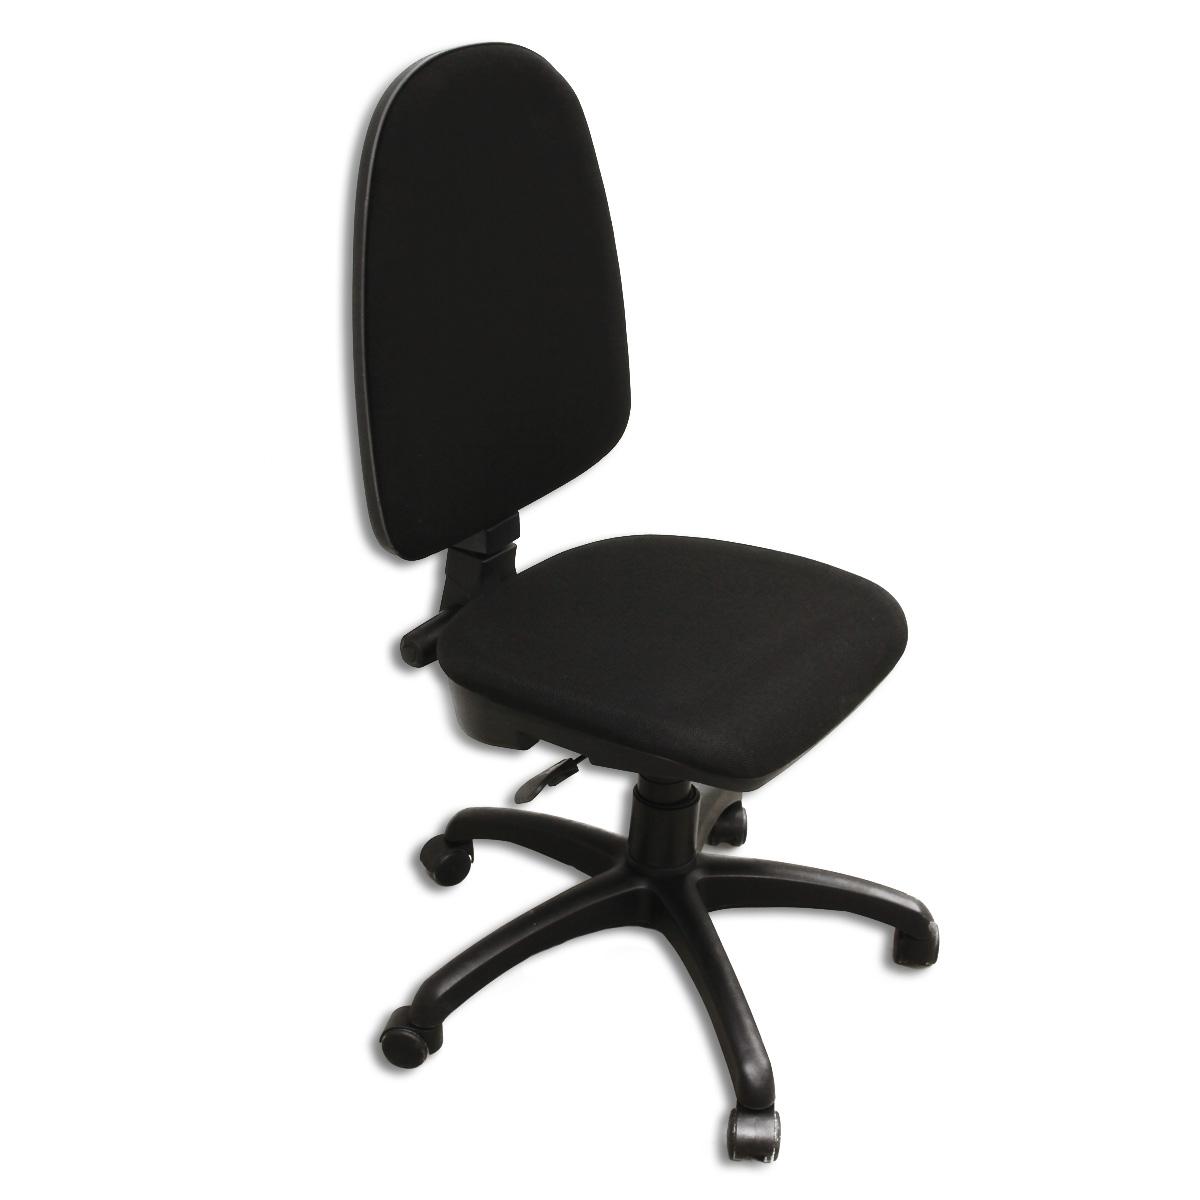 Büro-Drehstuhl - Bezug anthrazit